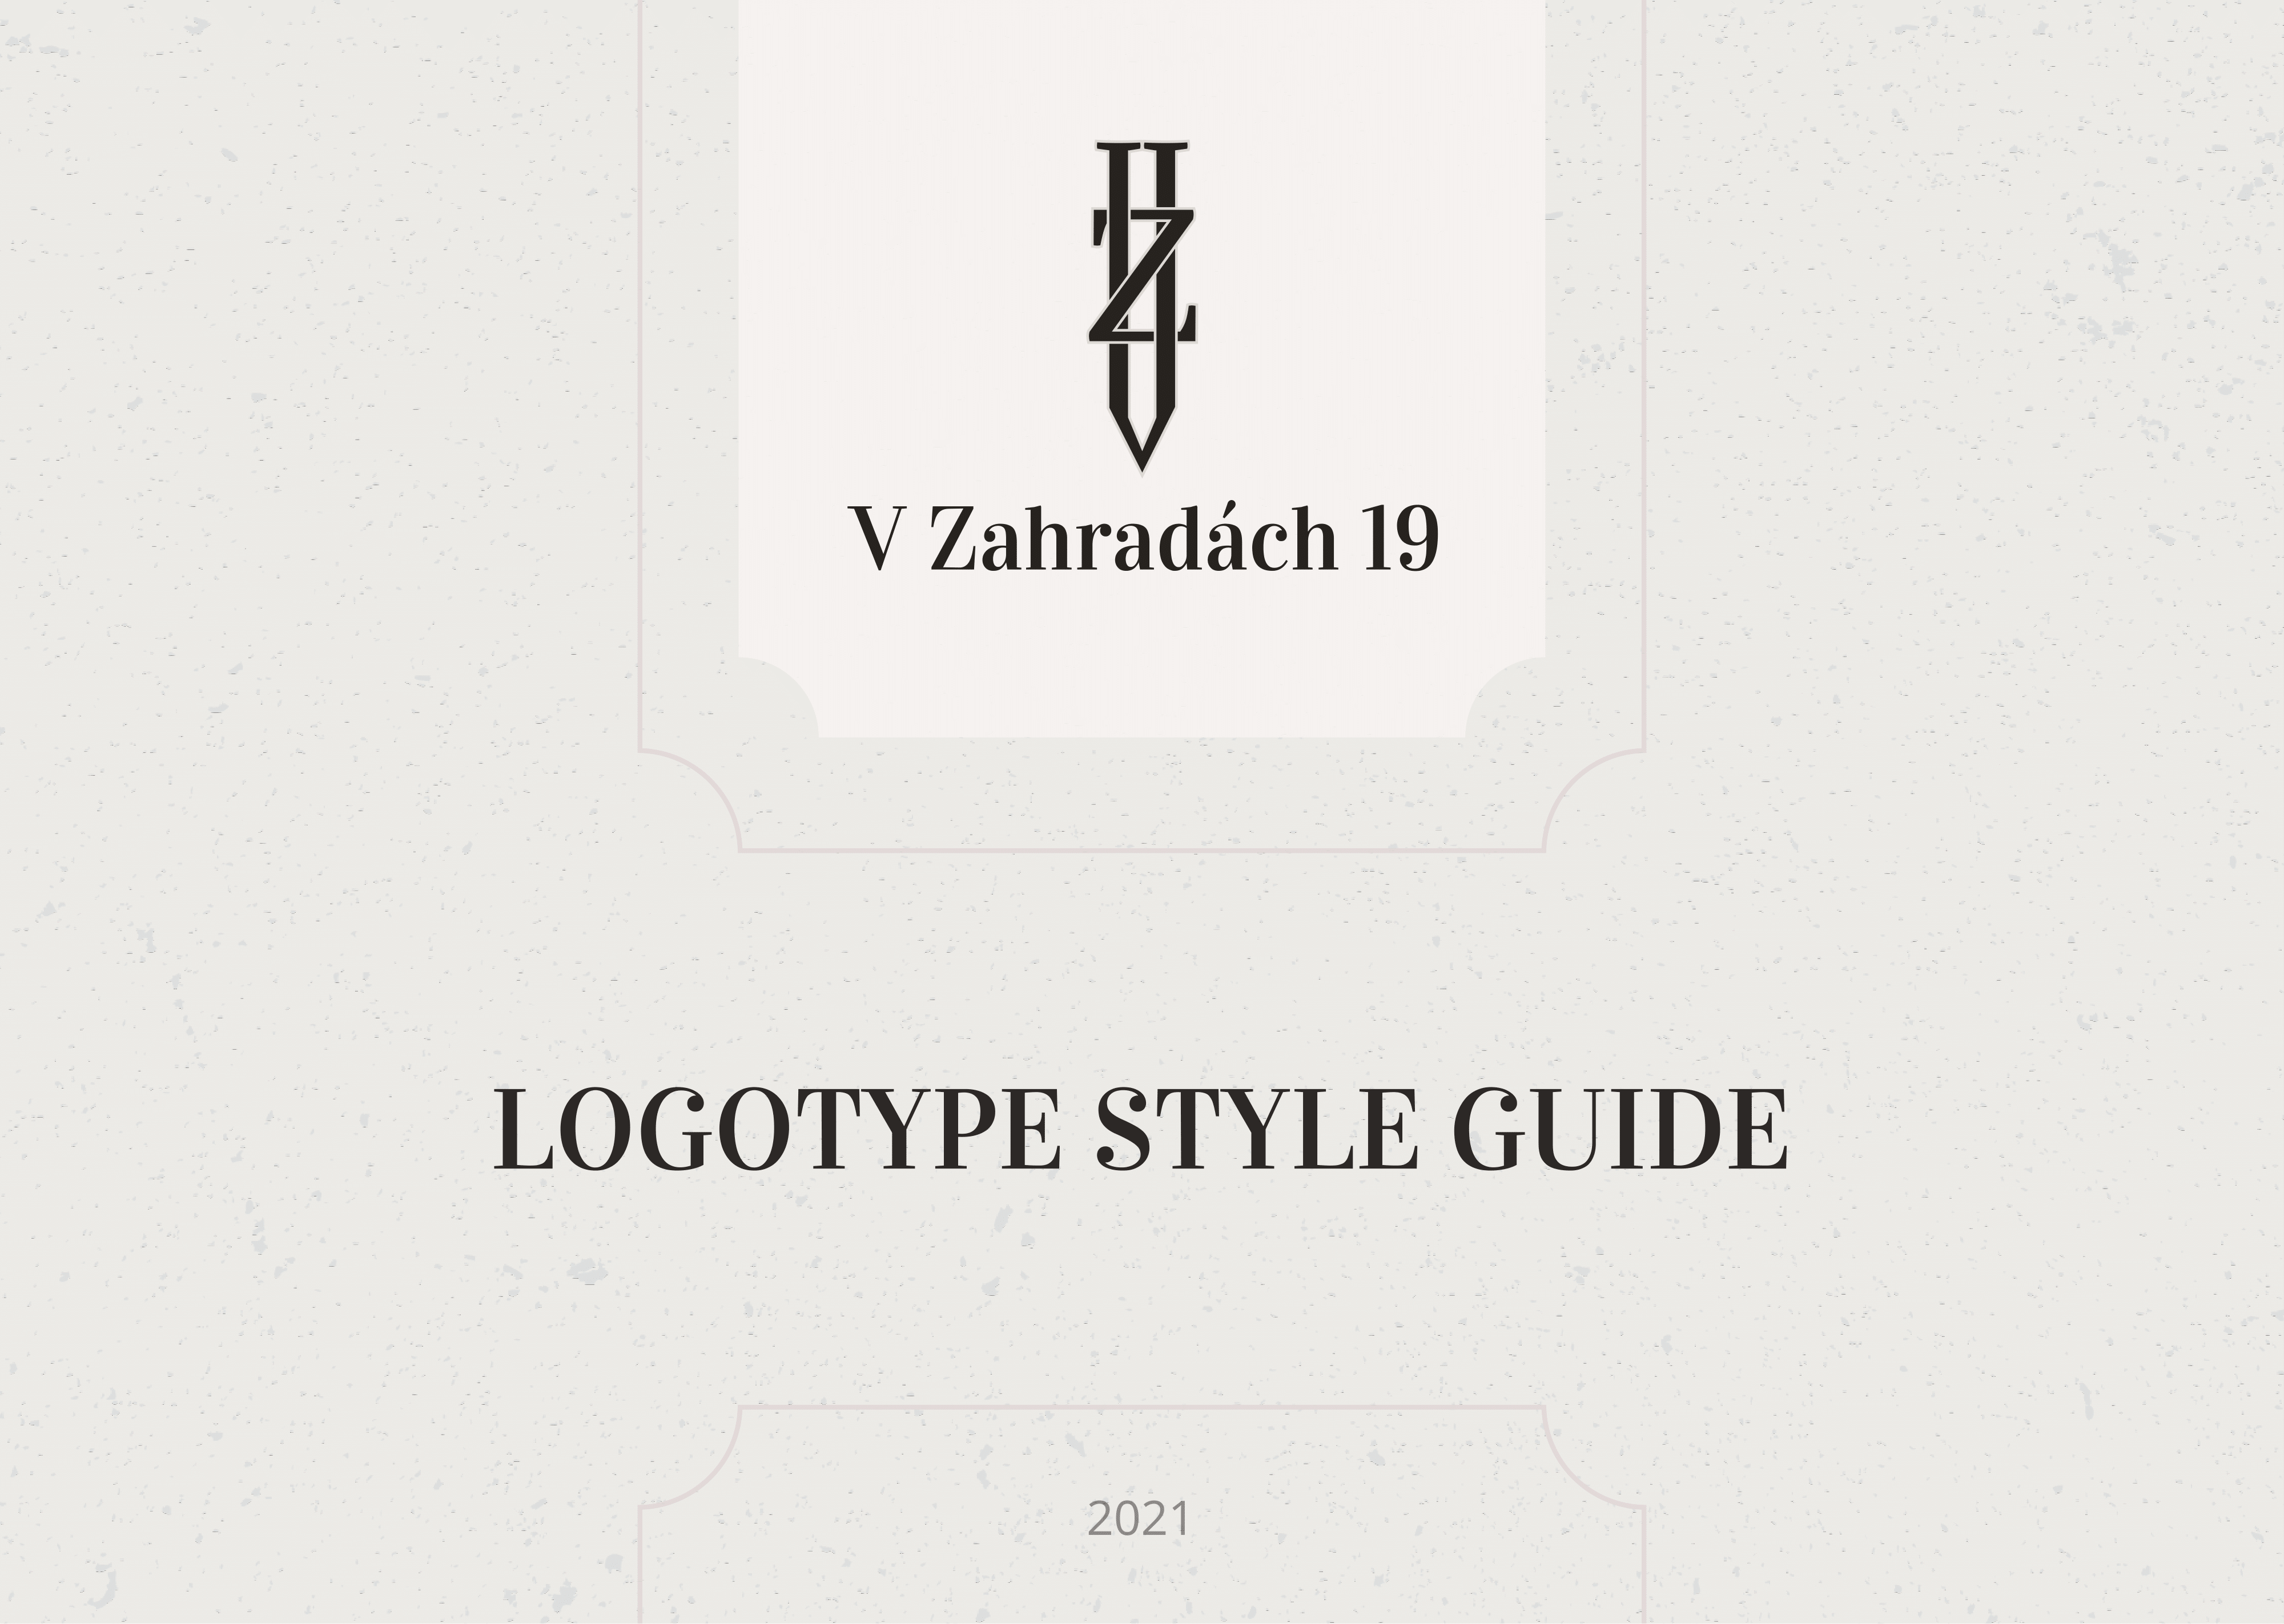 V_Zahradach_19_(Logobook)_2021-01